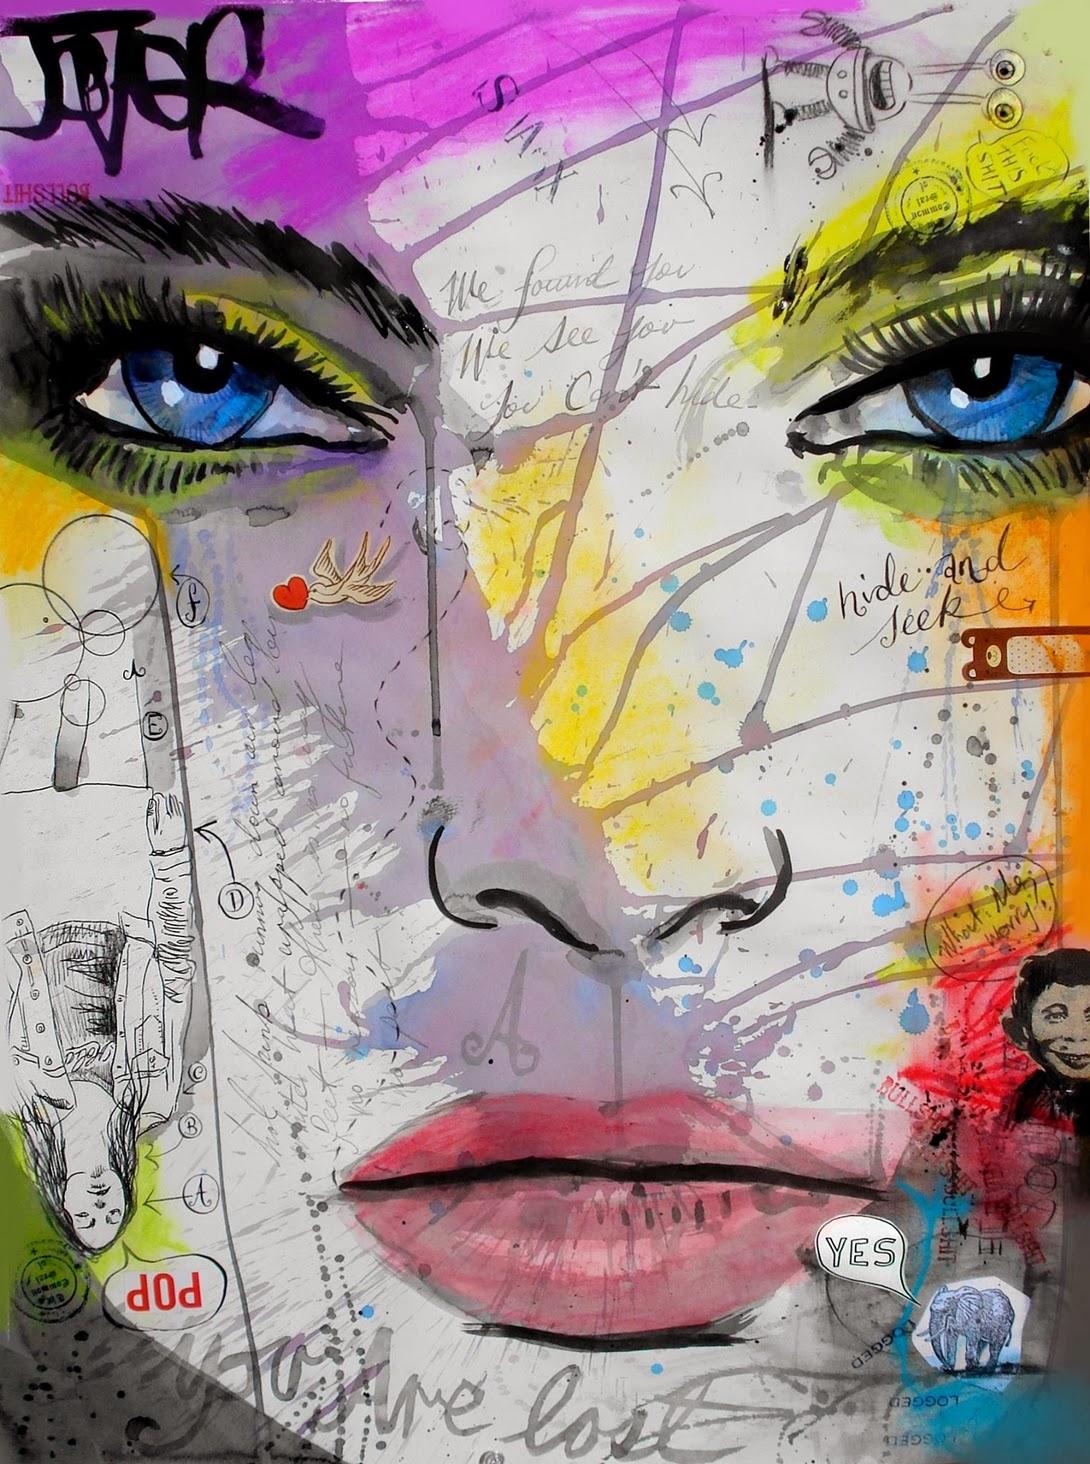 Bienvenidos al nuevo foro de apoyo a Noe #203 / 17.12.14 ~ 18.12.14 - Página 6 Loui+Jover+-+Tutt'Art@+(29)